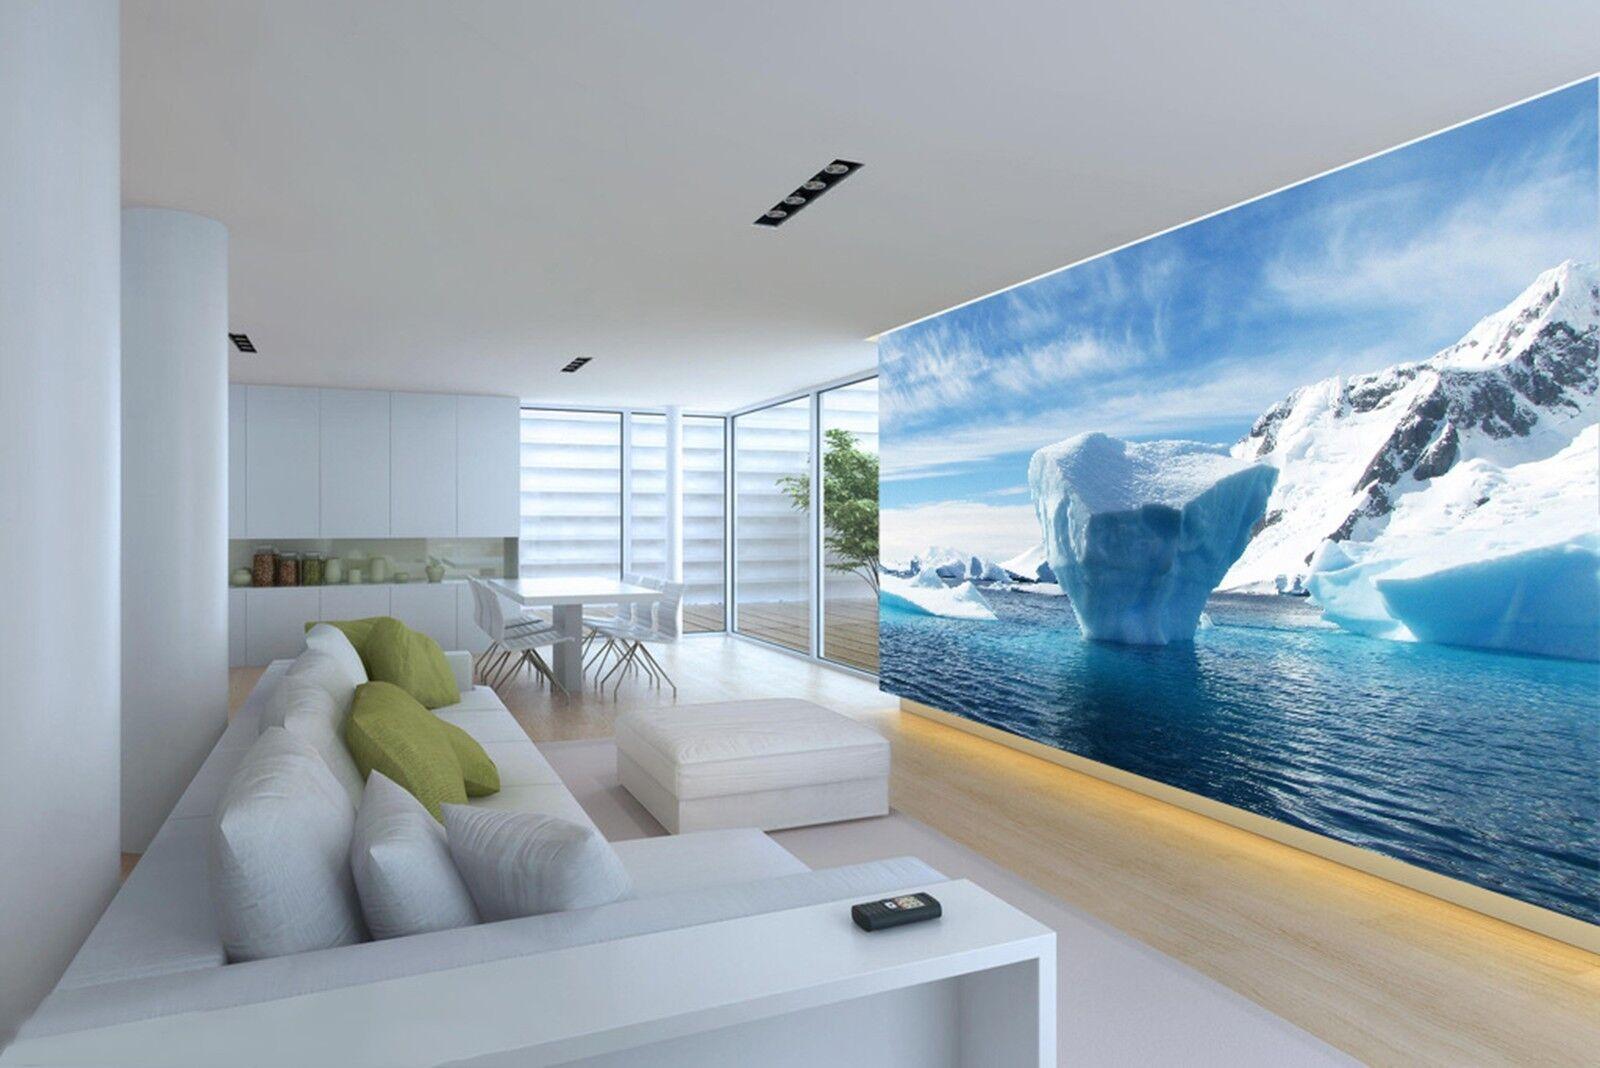 3D See Himmel Schneeberg 8803 Tapete Wandgemälde Tapeten Bild Familie DE Lemon | Starke Hitze- und Hitzebeständigkeit  | Die Qualität Und Die Verbraucher Zunächst  | Auktion